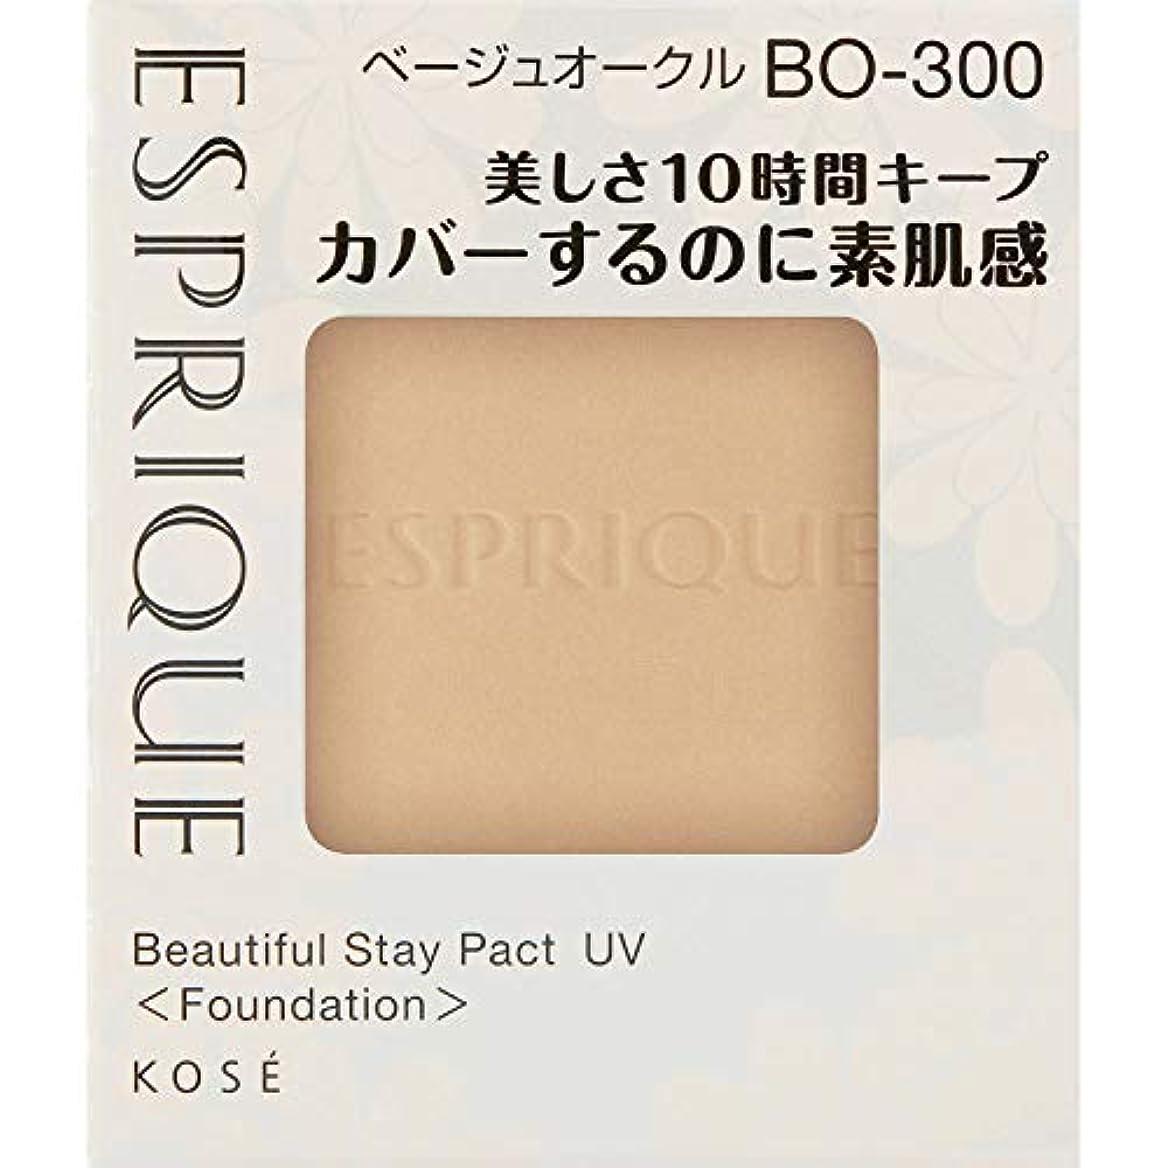 見積りヶ月目不正確エスプリーク カバーするのに素肌感持続 パクト UV BO-300 ベージュオークル 9.3g